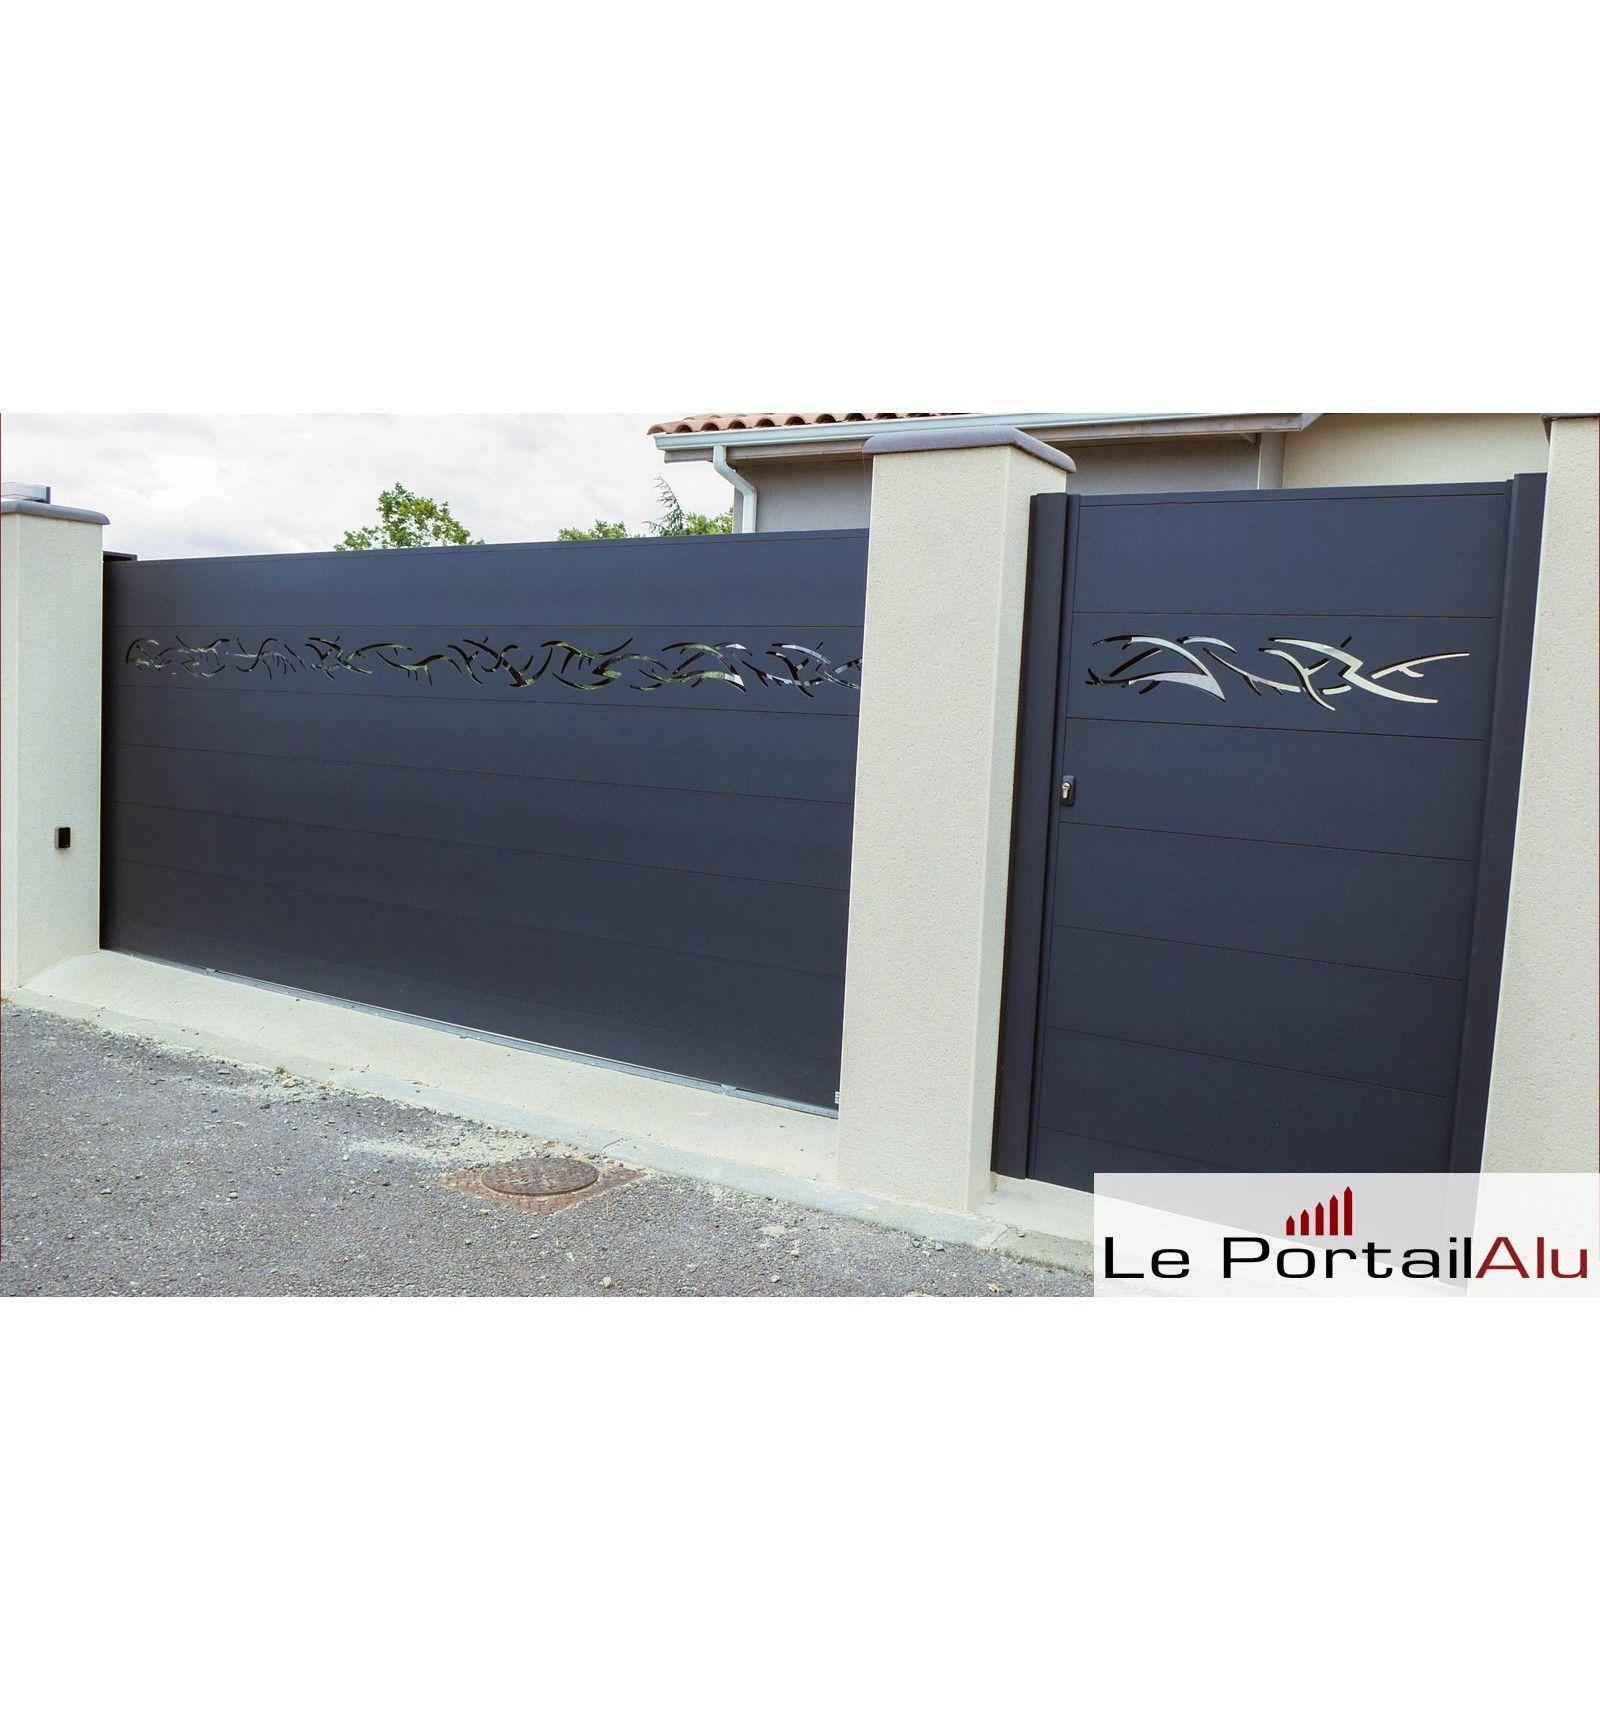 Portail Alu Coulissant Et Portillon Design Motif Tribal Sur La Photo Ral7016 Disponible En N Importe Qu House Gate Design Front Gate Design Door Gate Design